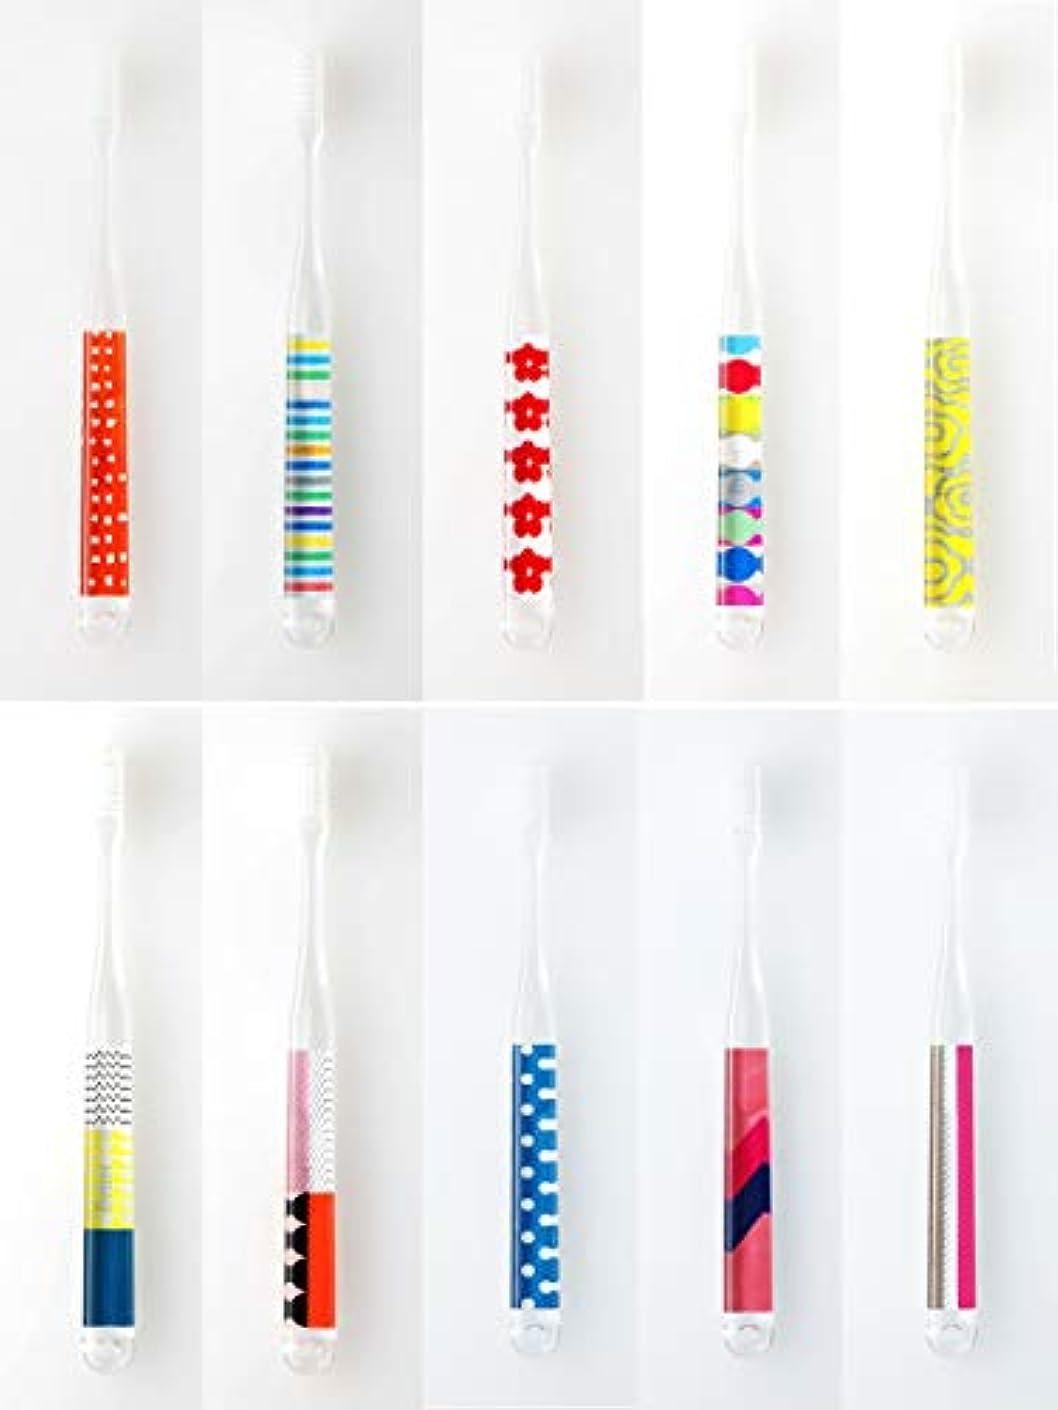 待つ不承認眠いですMOYO モヨウ 歯ブラシ POP 10本セット_562302-pop3 【F】,POP10本セット ハブラシ